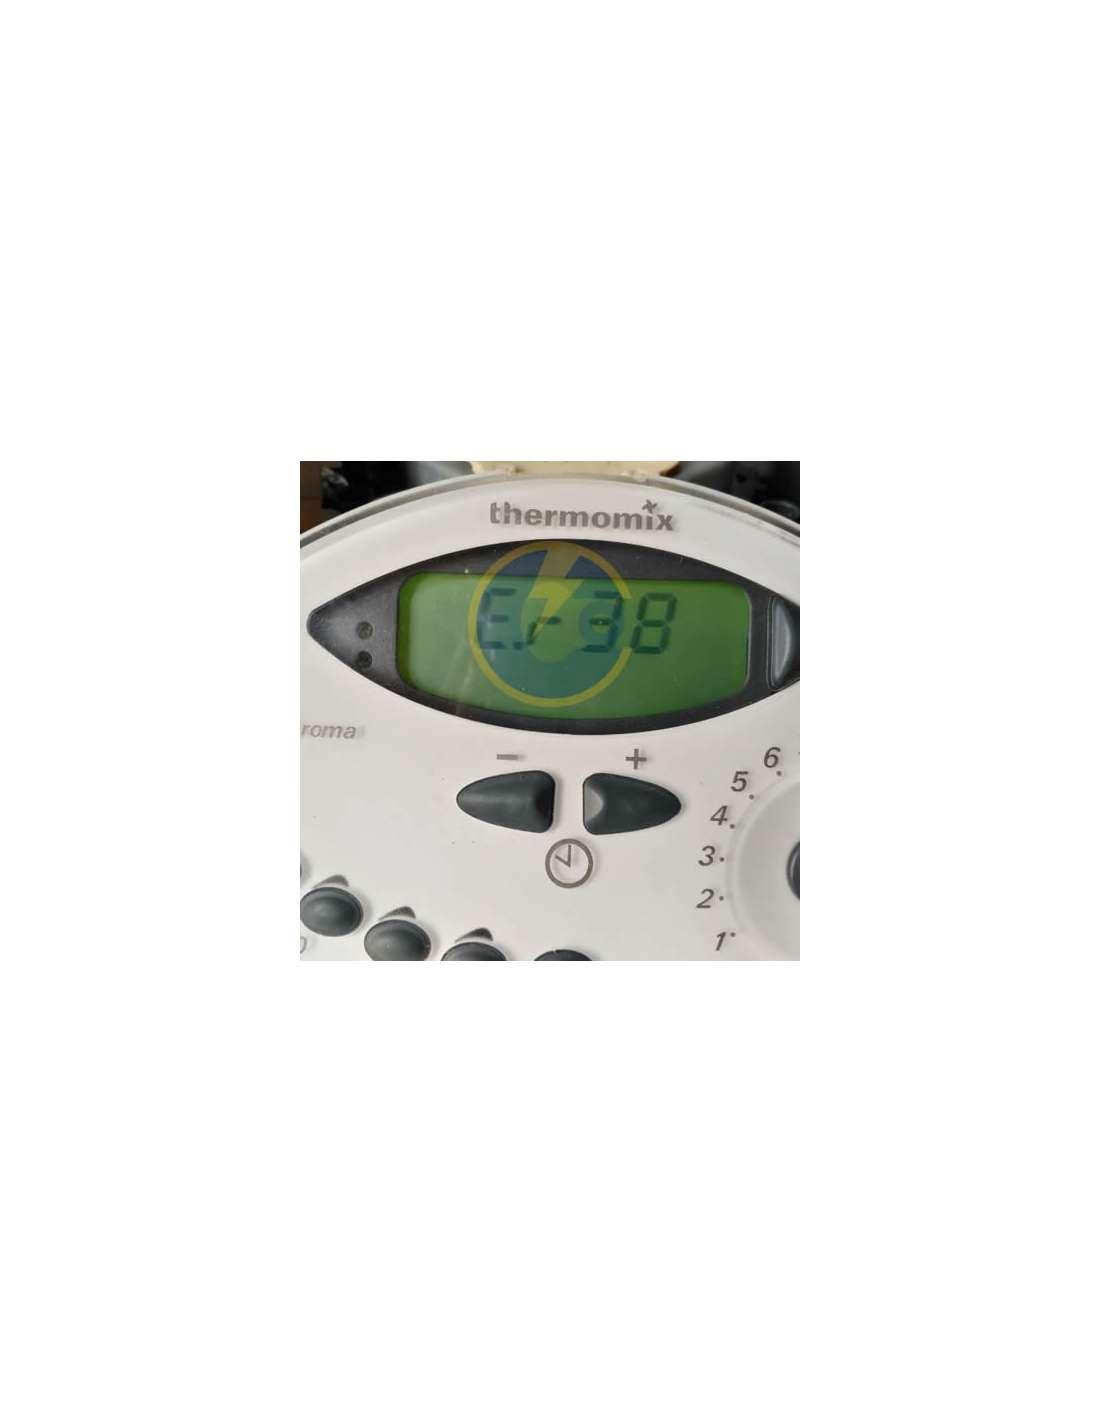 Instalacion termo electrico inferior a 100l coeltron - Instalacion de termo electrico ...